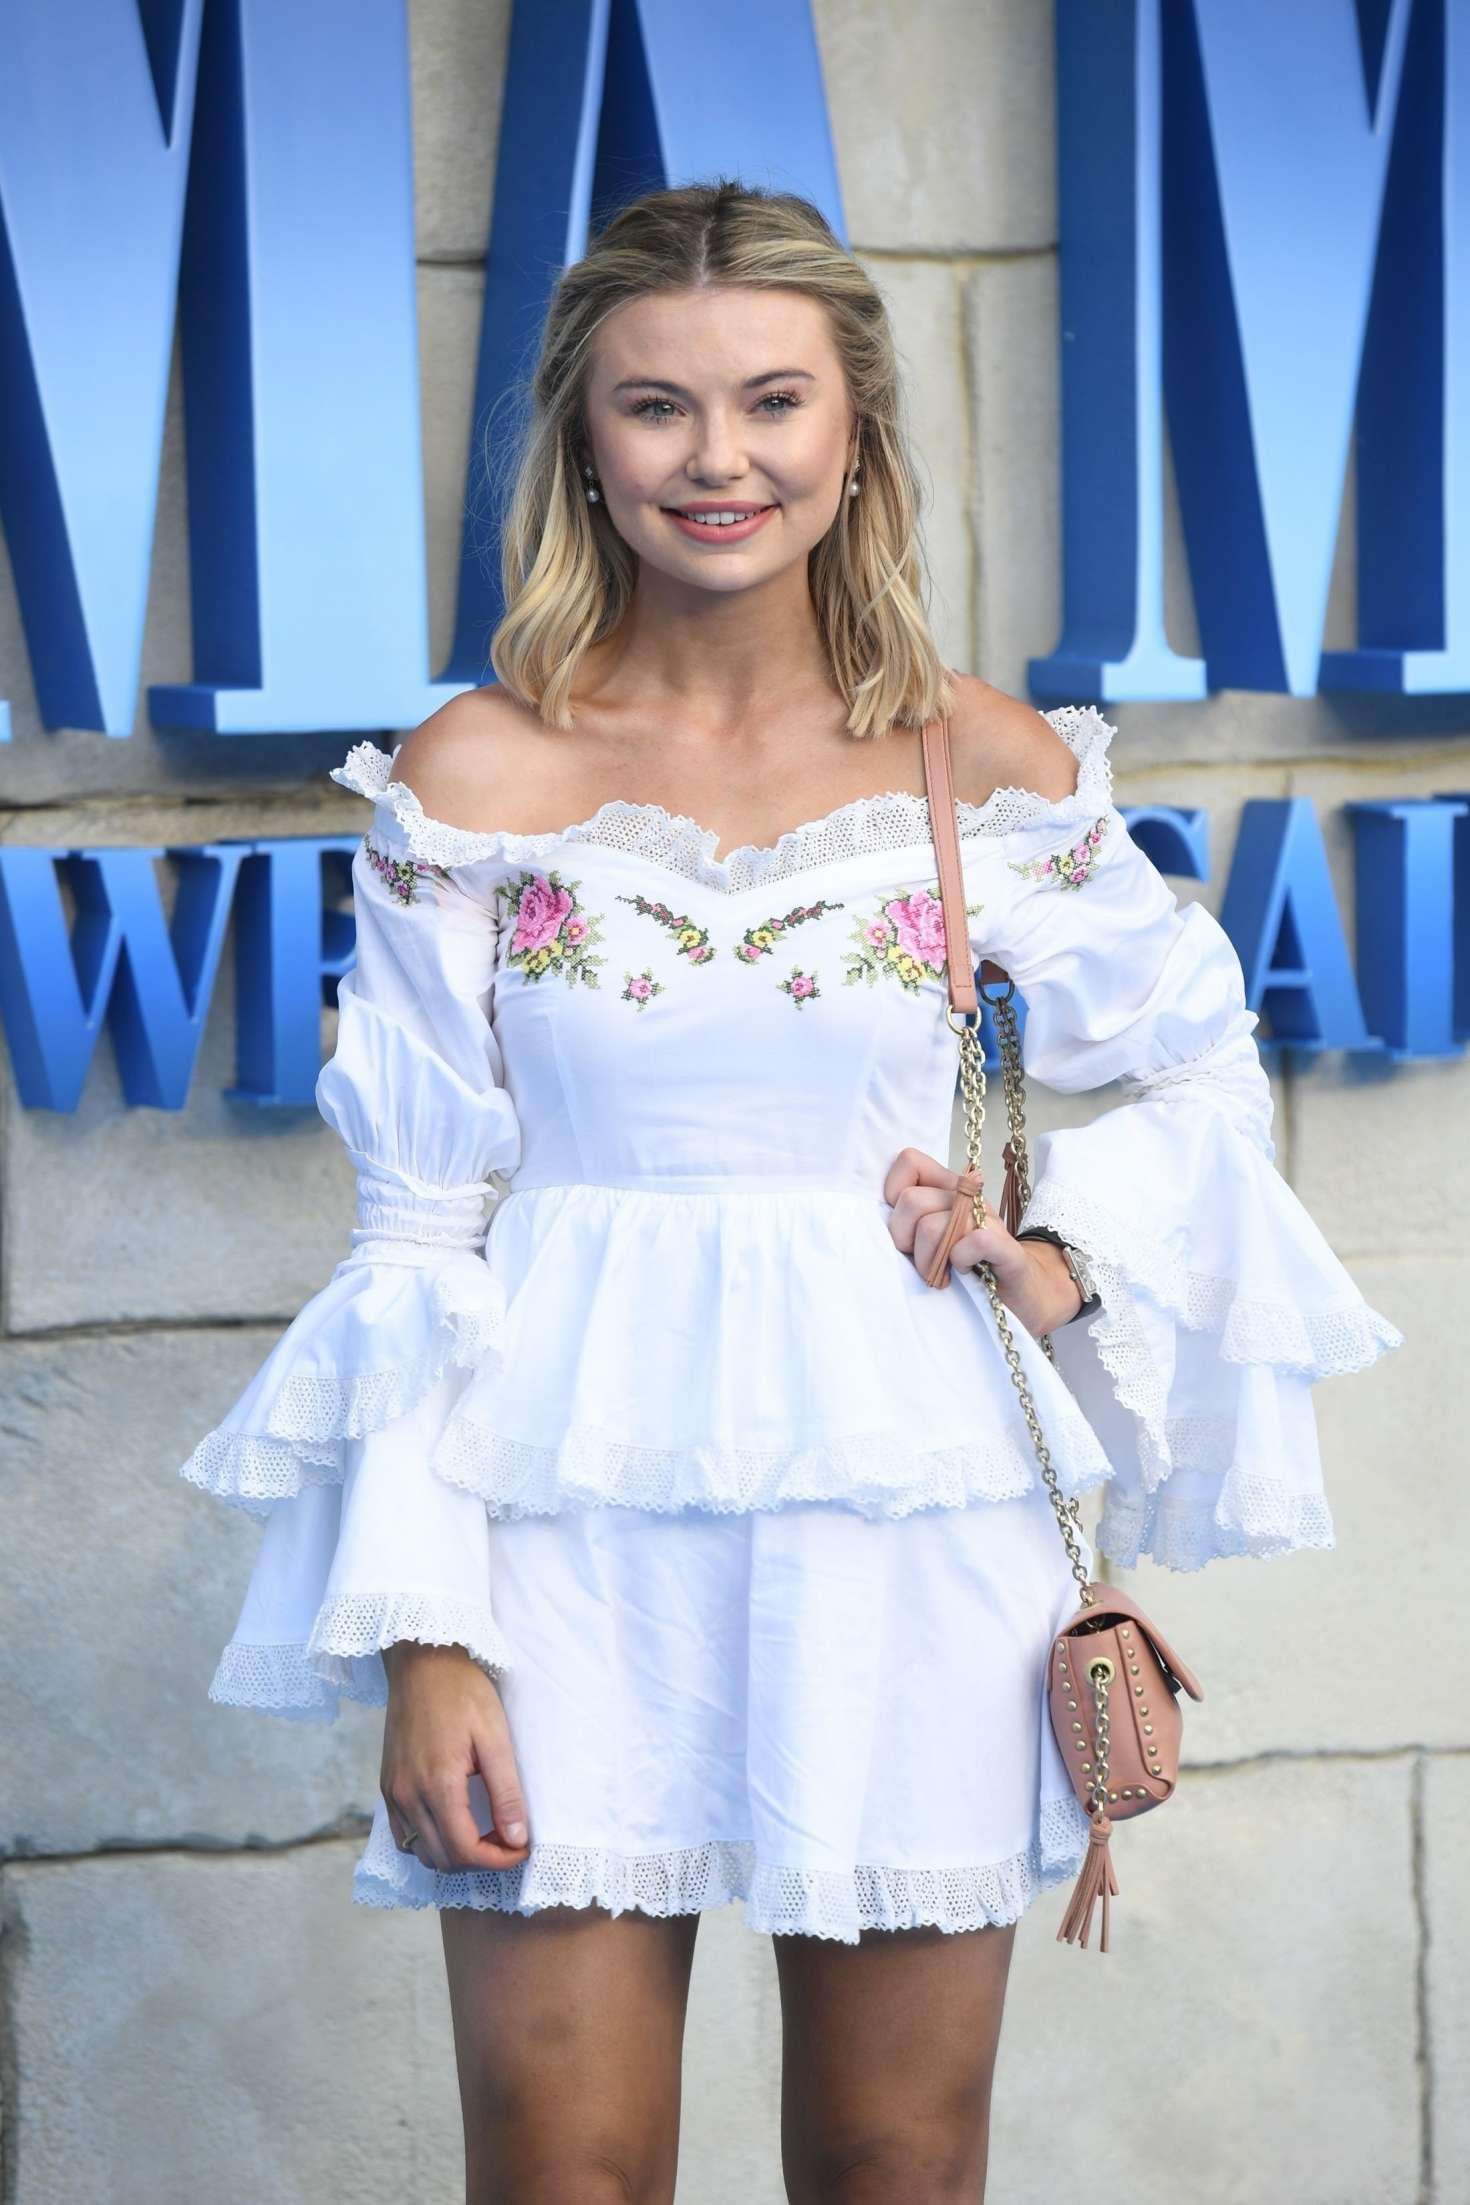 Georgia Toffolo attends the Mamma Mia premiere in London